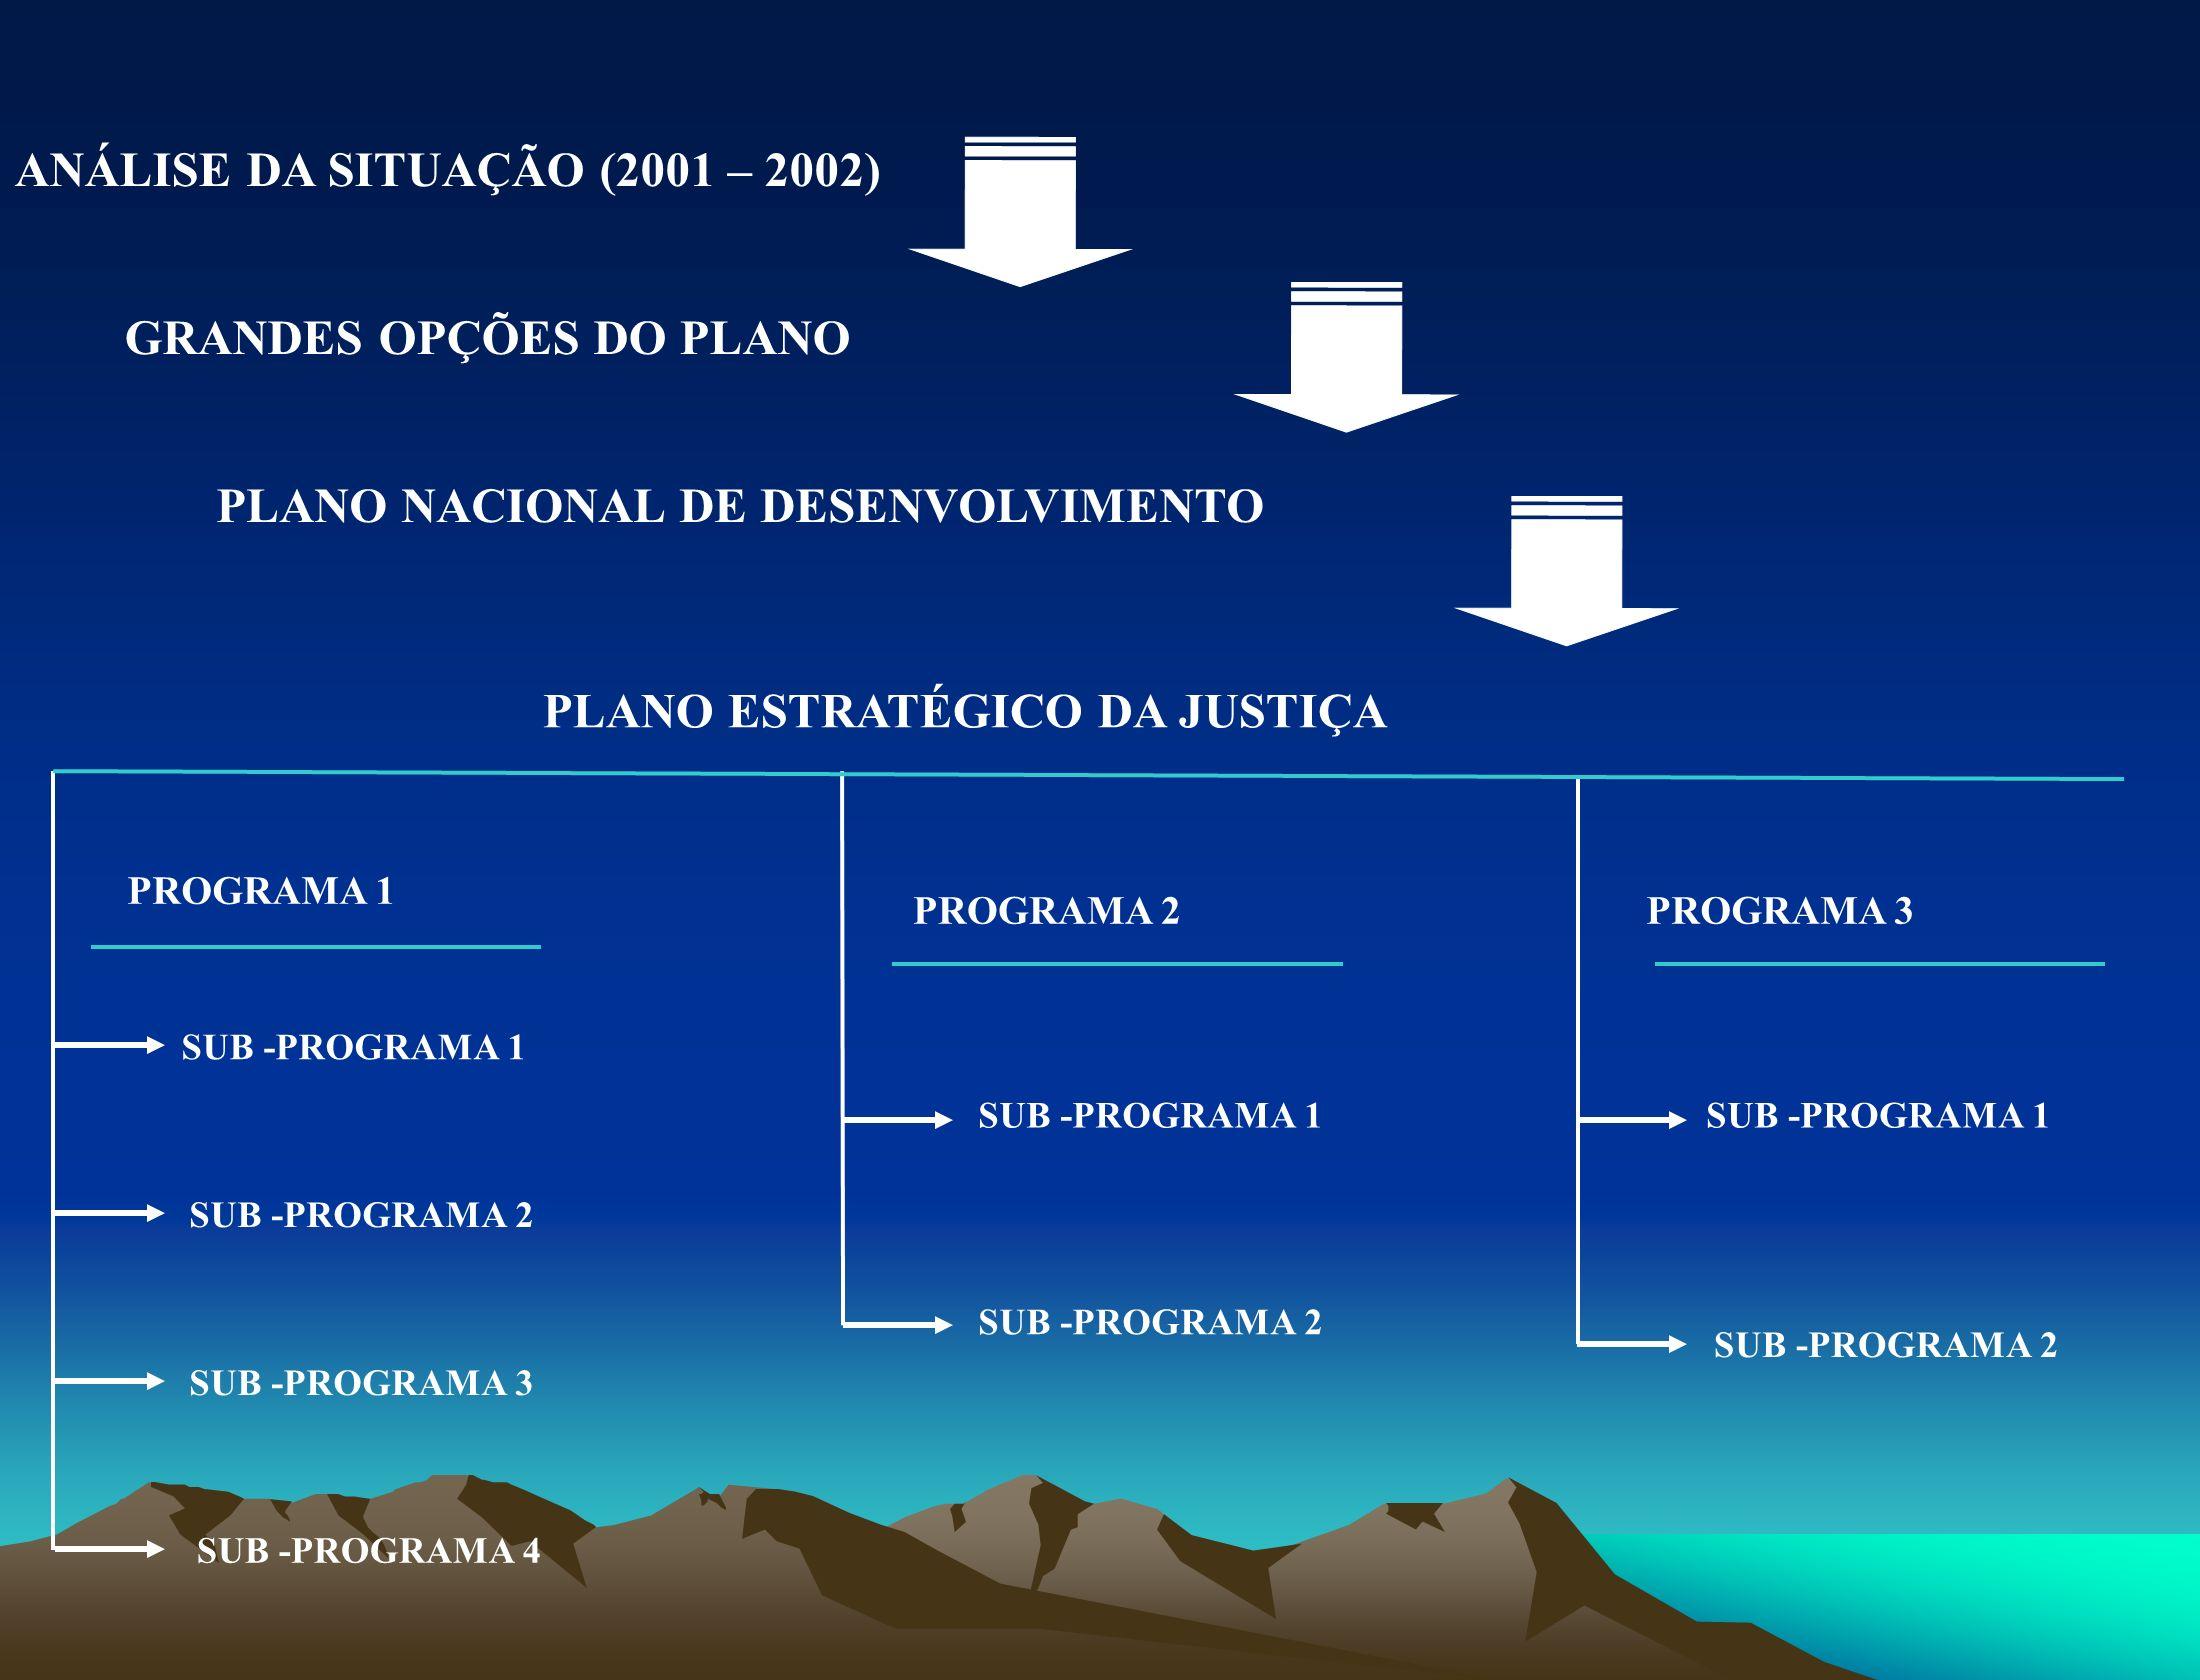 Objectivos Estratégias Acções RESPEITO PELOS DIREITOS HUMANOS E GARANTIA DE UMA JUSTIÇA INDEPENDENTE E EFICAZ, AO SERVIÇO DA CIDADANIA E DO DESENVOLVIMENTO Promover uma efectiva reinserção social dos menores em conflito com a lei Garantir a adequada protecção e enquadramento dos menores em conflito com a lei Criar o quadro institucional para a protecção e reinserção dos menores em conflito com a lei Promover uma reinserção efectiva dos menores Capacitar profissionalmente os menores e transmitir-lhes valores para uma vida normal na sociedade Criação de uma estrutura de internamento e reinserção social dos menores em conflito com a lei Criação de um Centro de Internamento Elaborar a política de internamento e reinserção social de menores Adequar a legislação Criação de projectos pilotos de enquadramento de menores 1.Em curso a preparação do espaço (Lém Ferreira) para o acolhimento dos menores em conflito com a lei.